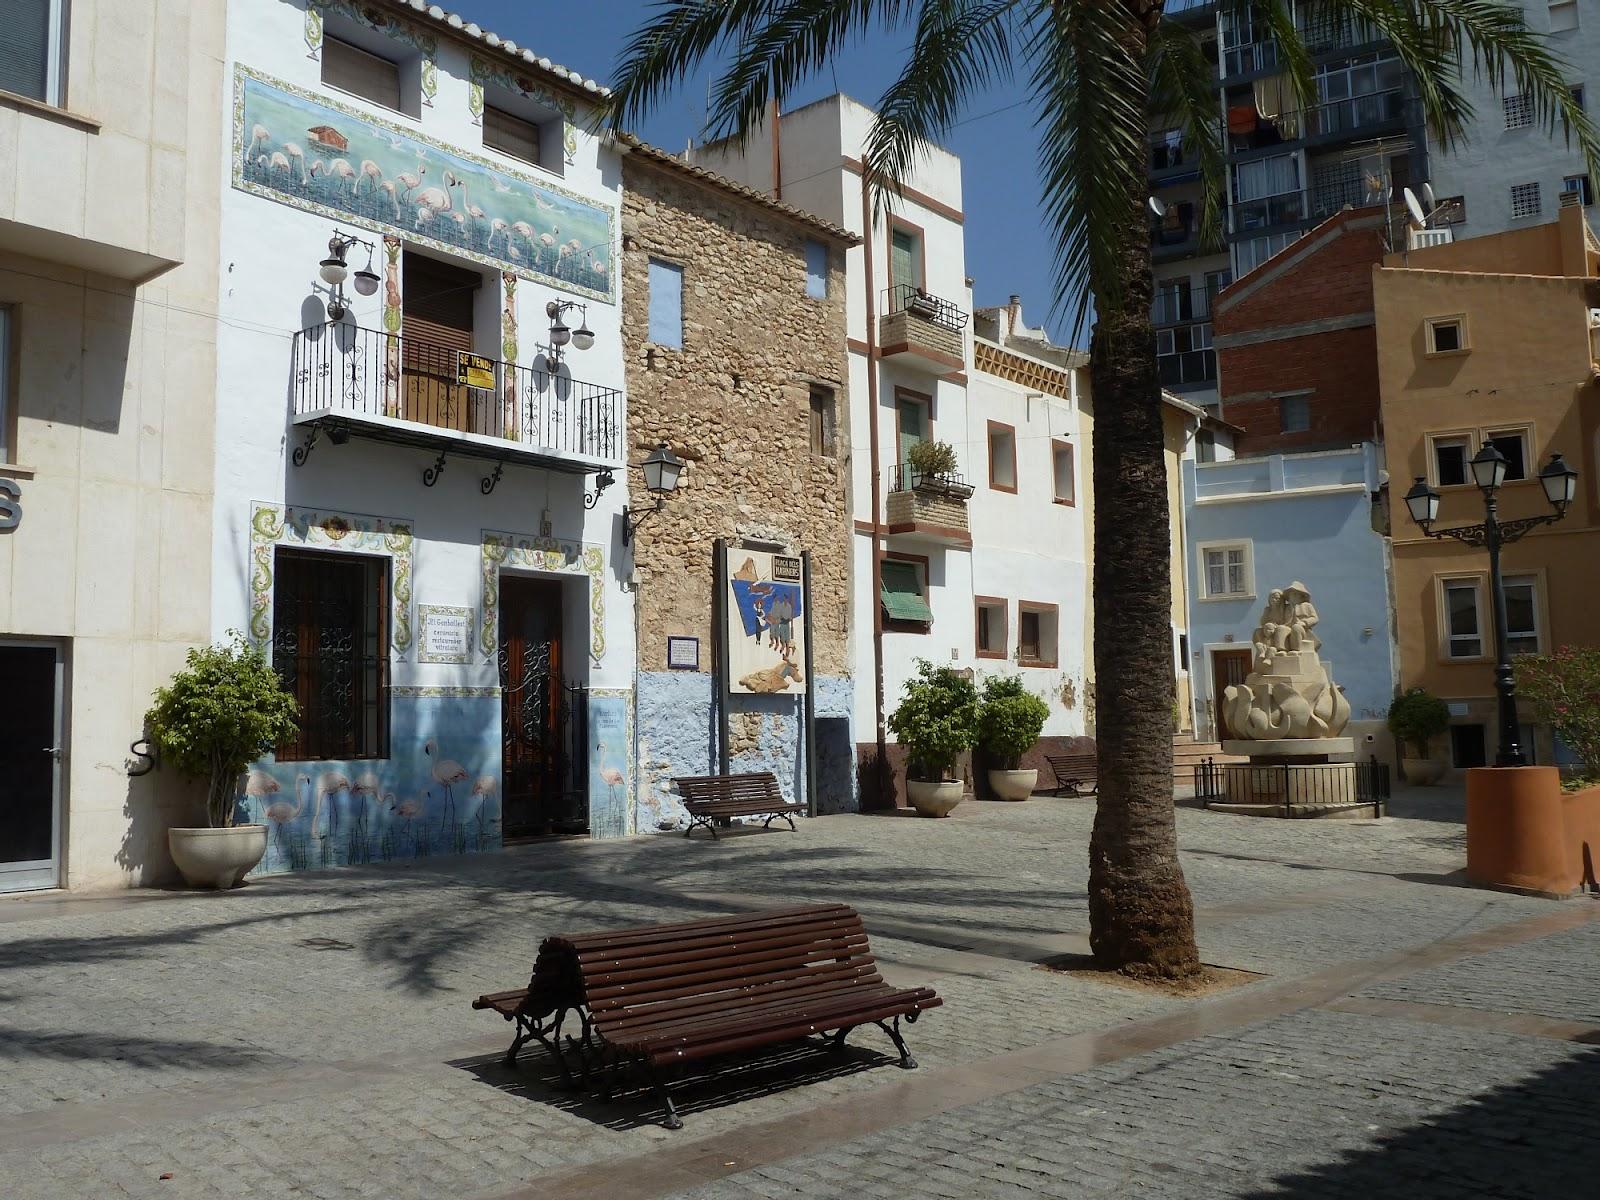 Город кальпе испания достопримечательности